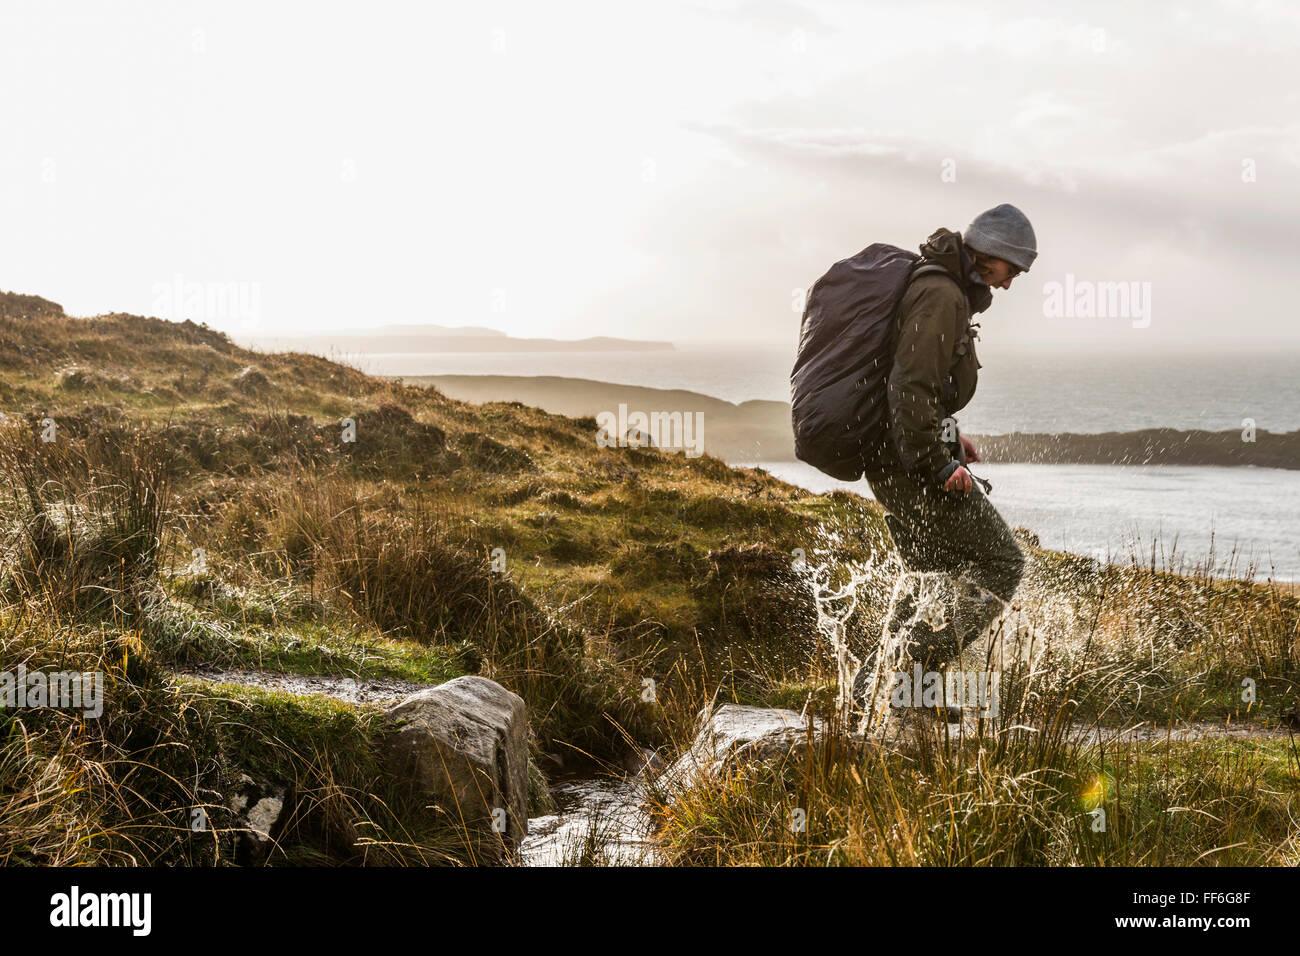 Ein Mann mit einem Rucksack und Winter Kleidung springen über einen kleinen Bach in eine exponierte Offenland. Stockbild